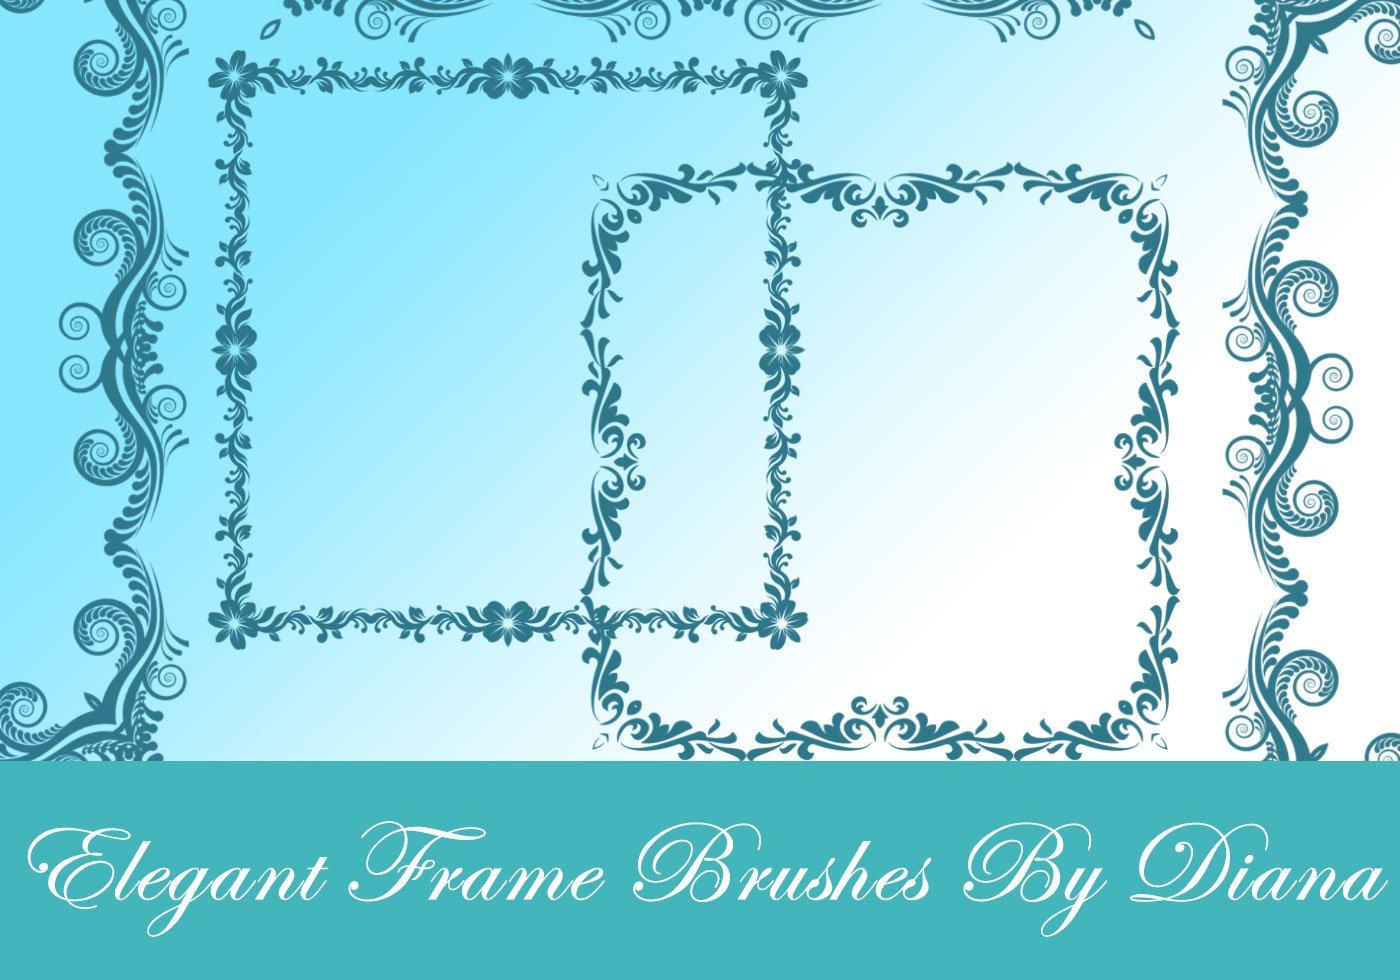 Elegante dekorative Rahmen - Kostenlose Photoshop-Pinsel bei Brusheezy!